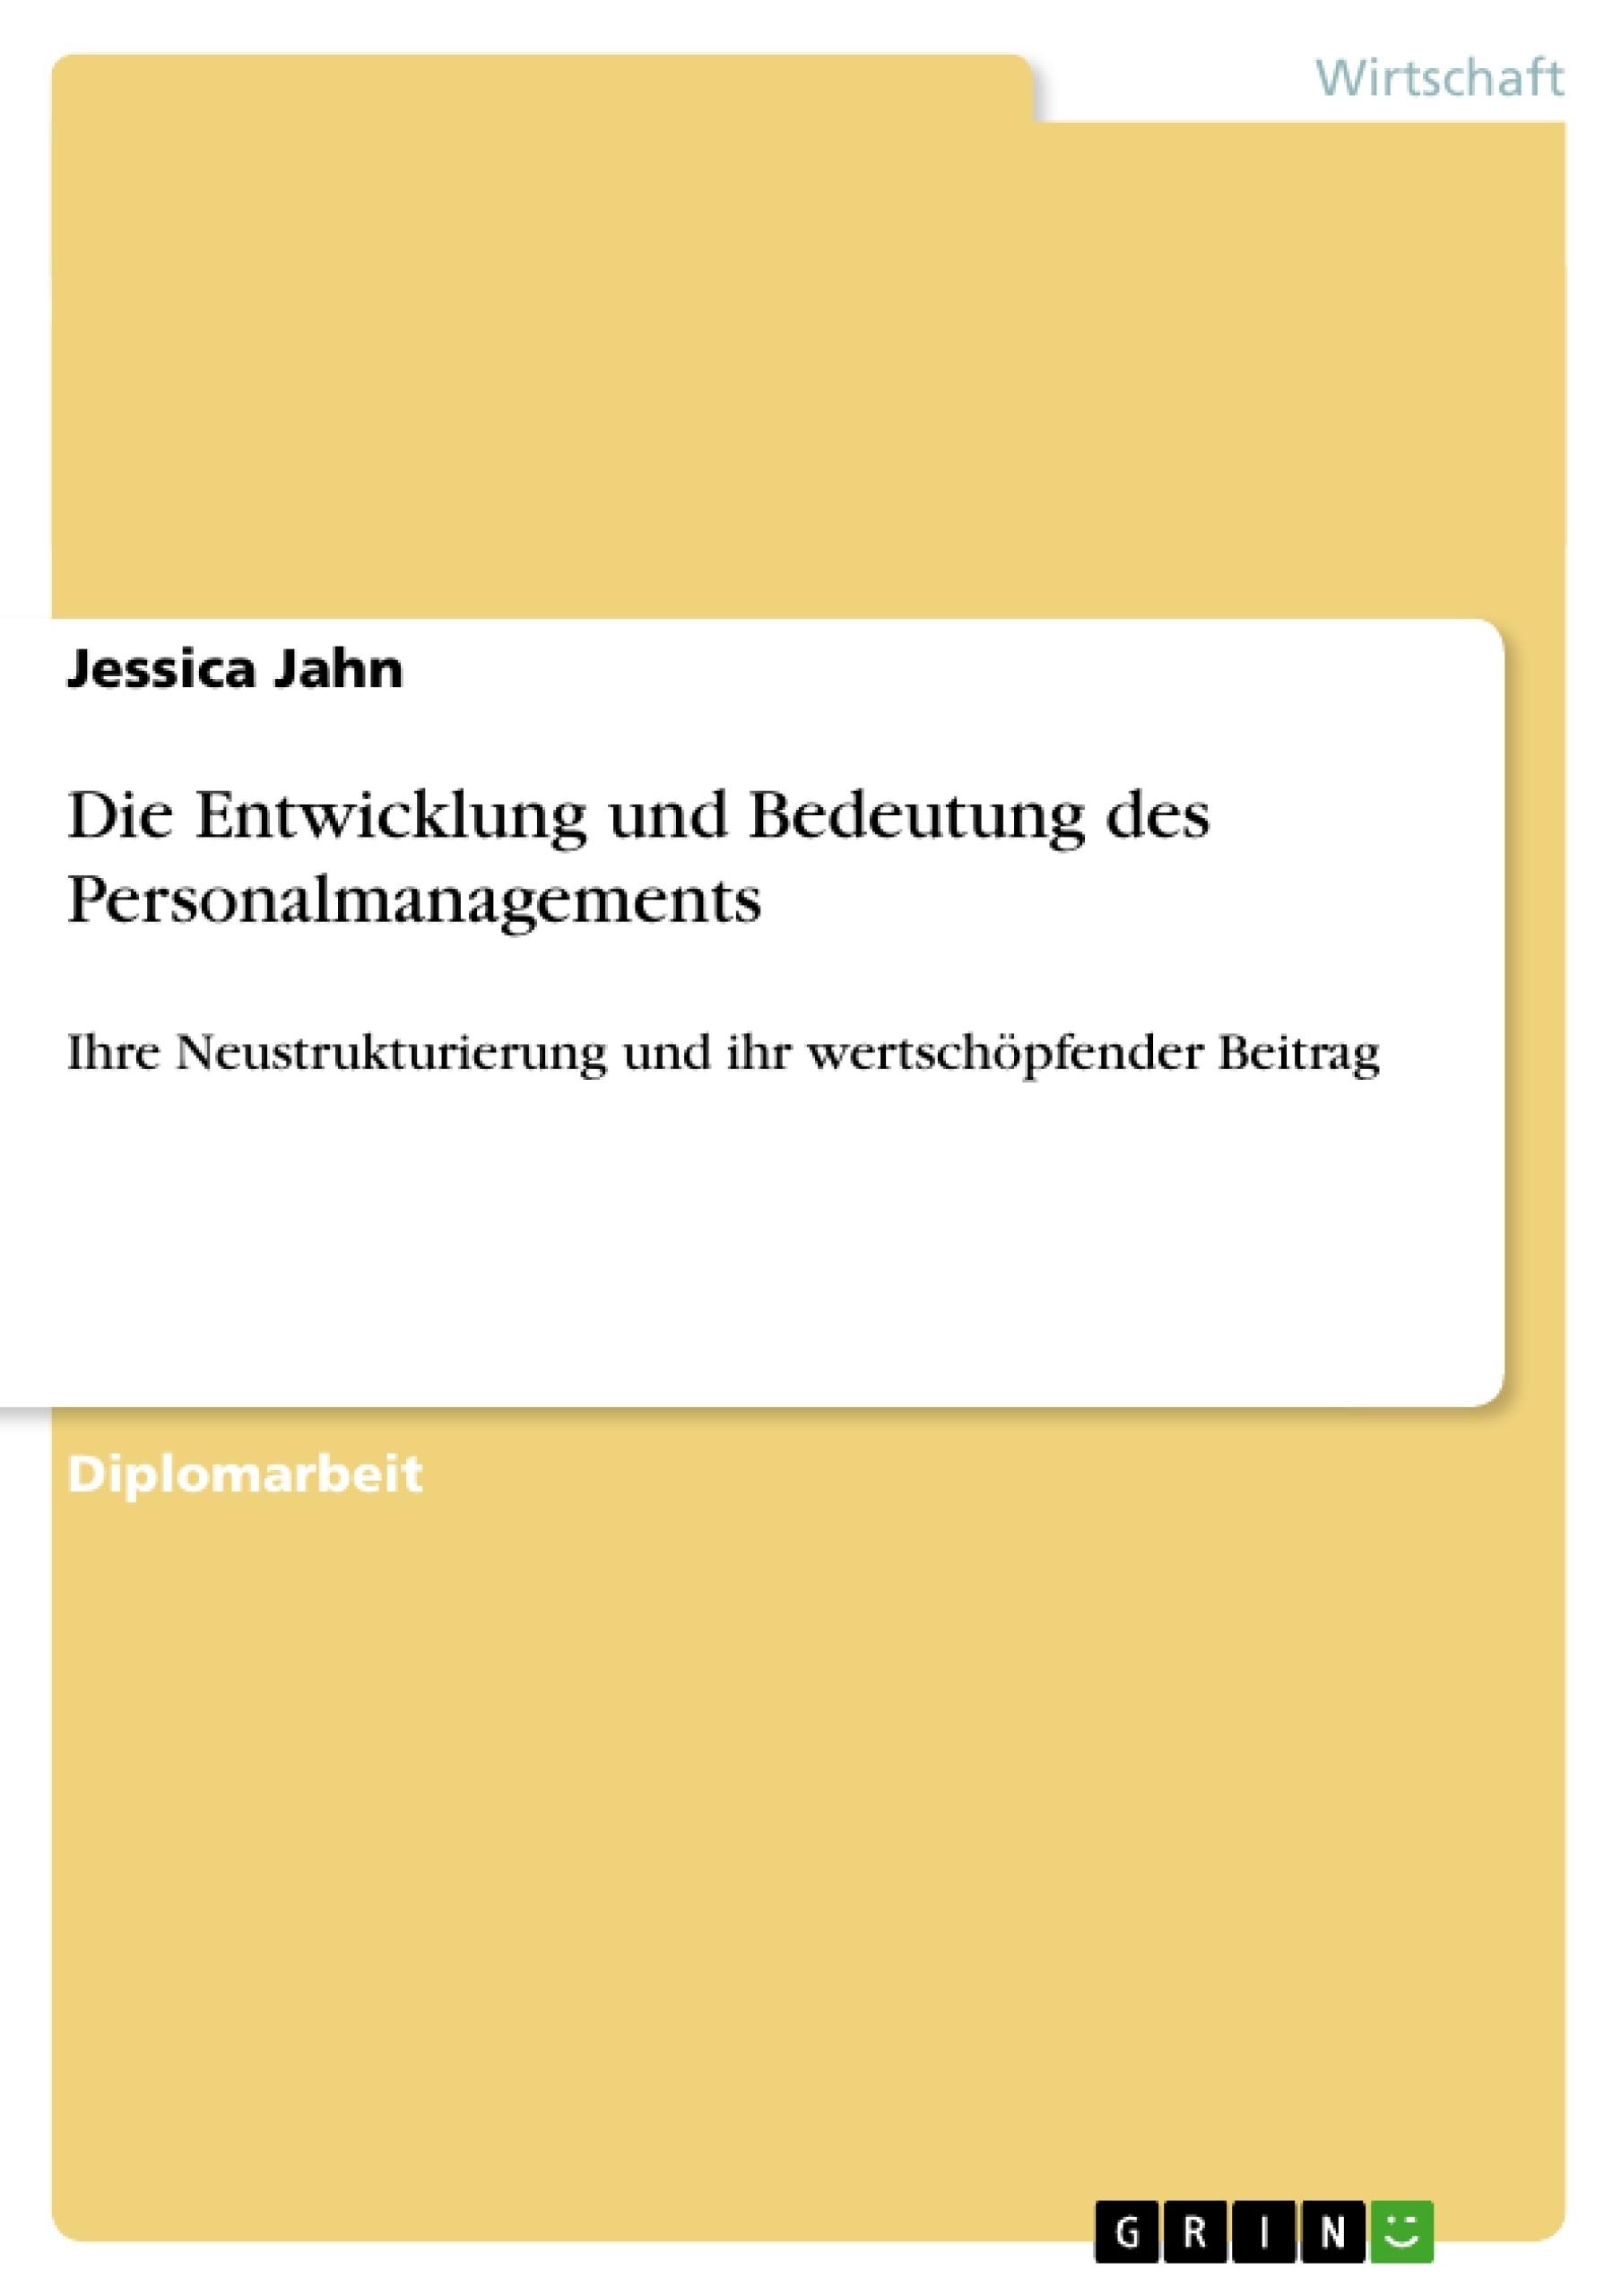 Titel: Die Entwicklung und Bedeutung des Personalmanagements